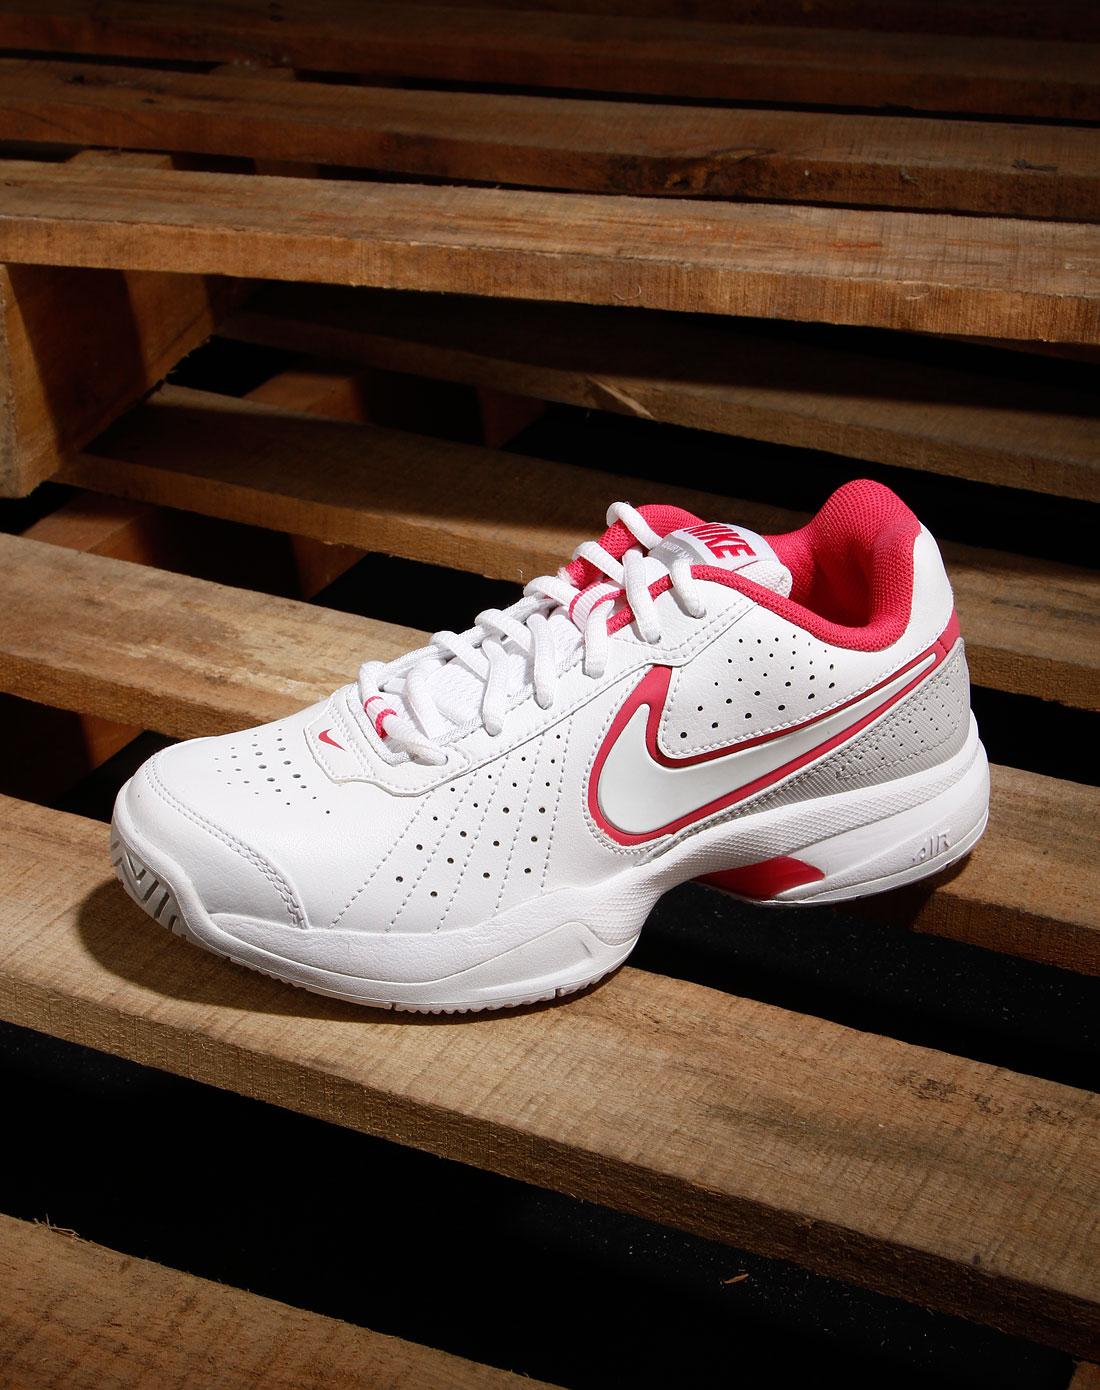 耐克nike女士专场-女款白/浅灰色绑带运动网球鞋